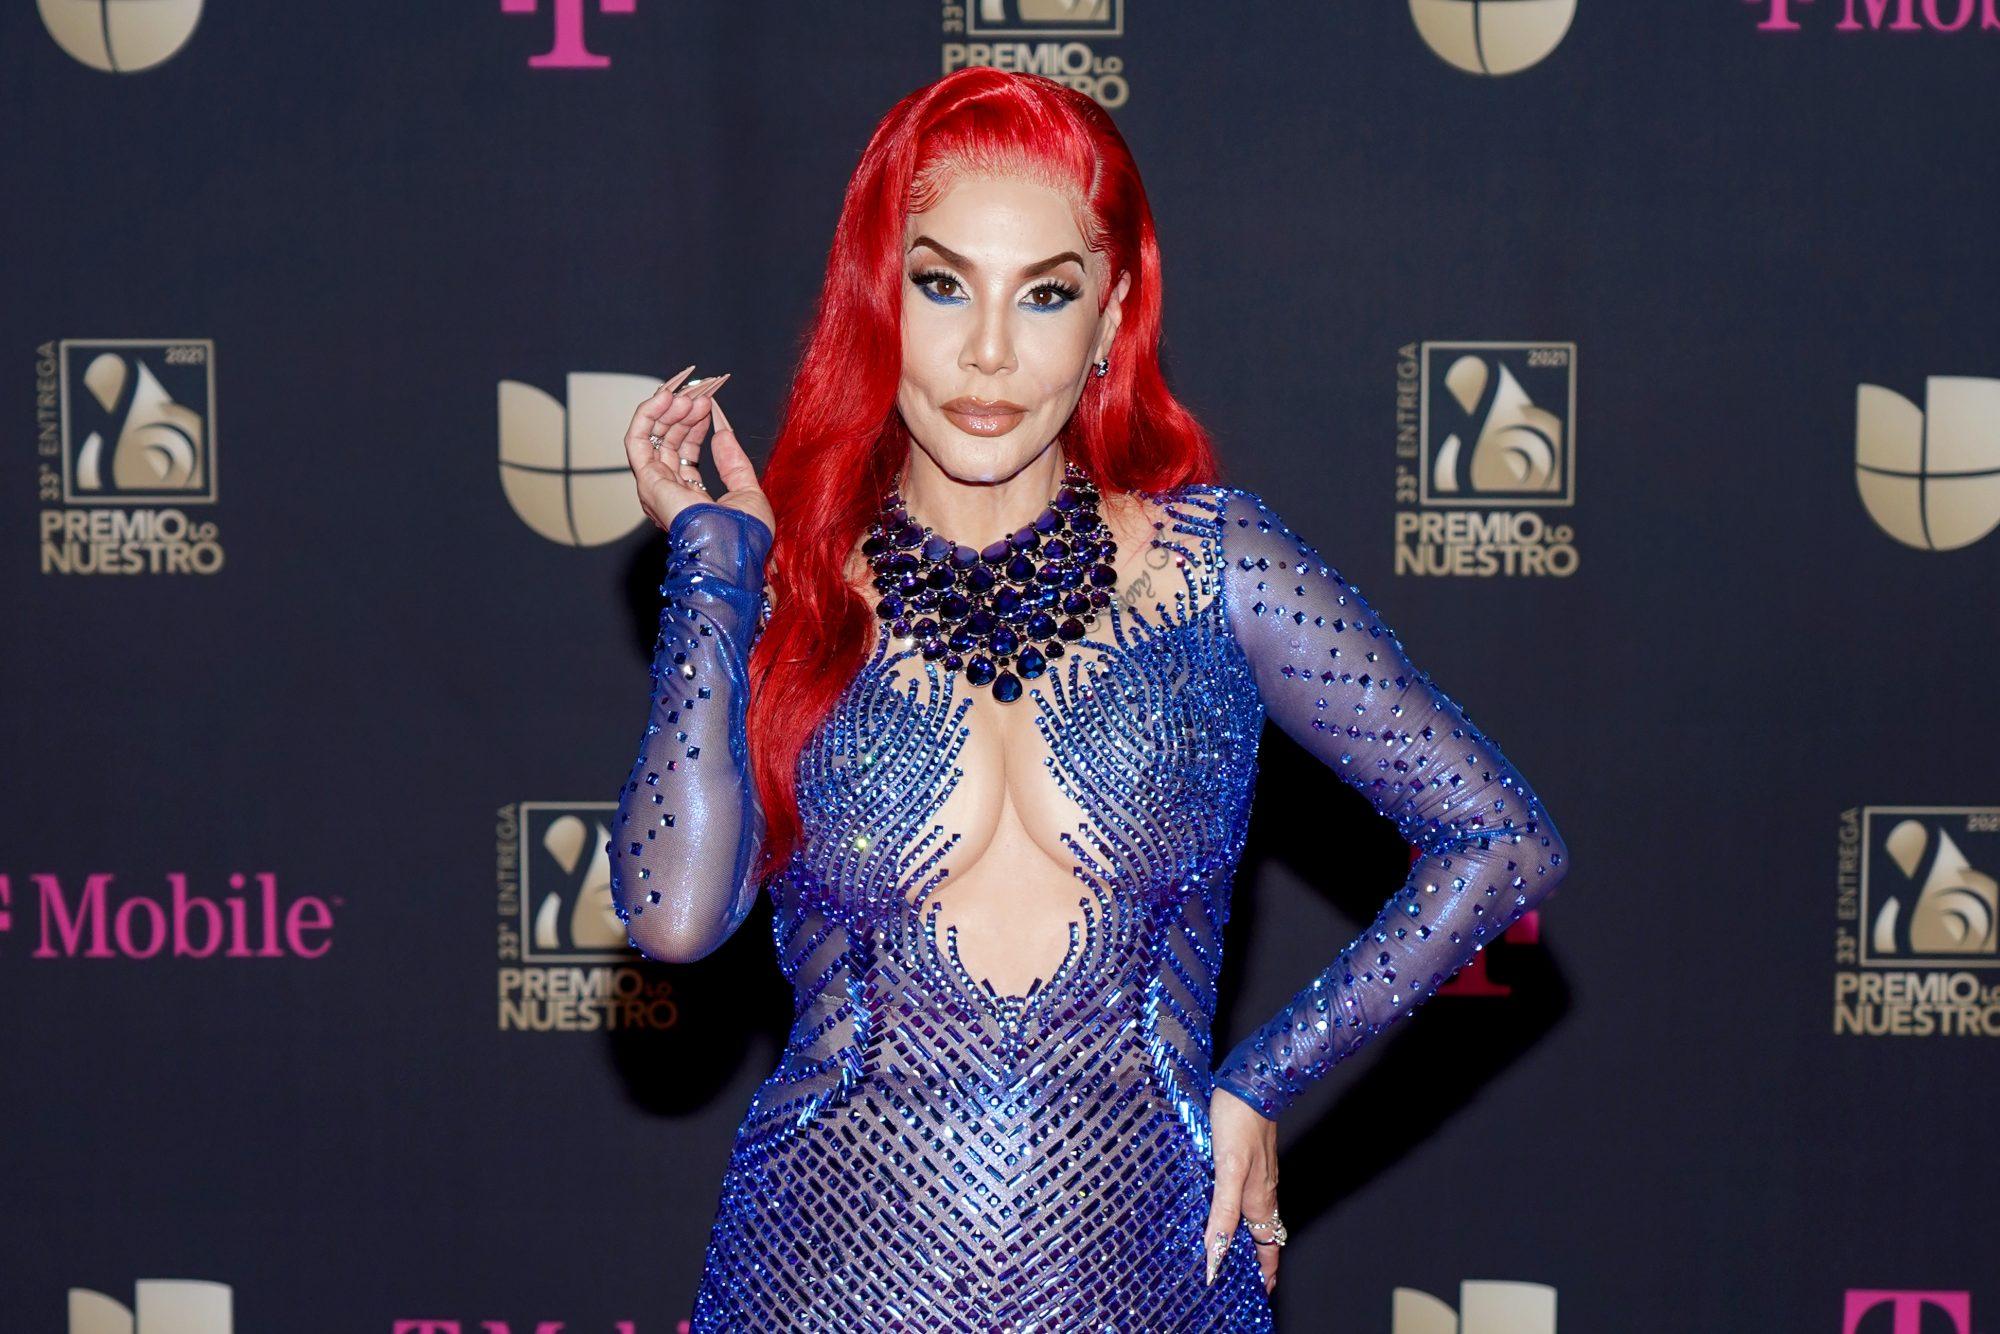 Ivy Queen, cabello rojo, peinado, maquillaje, premio lo nuestro 2021